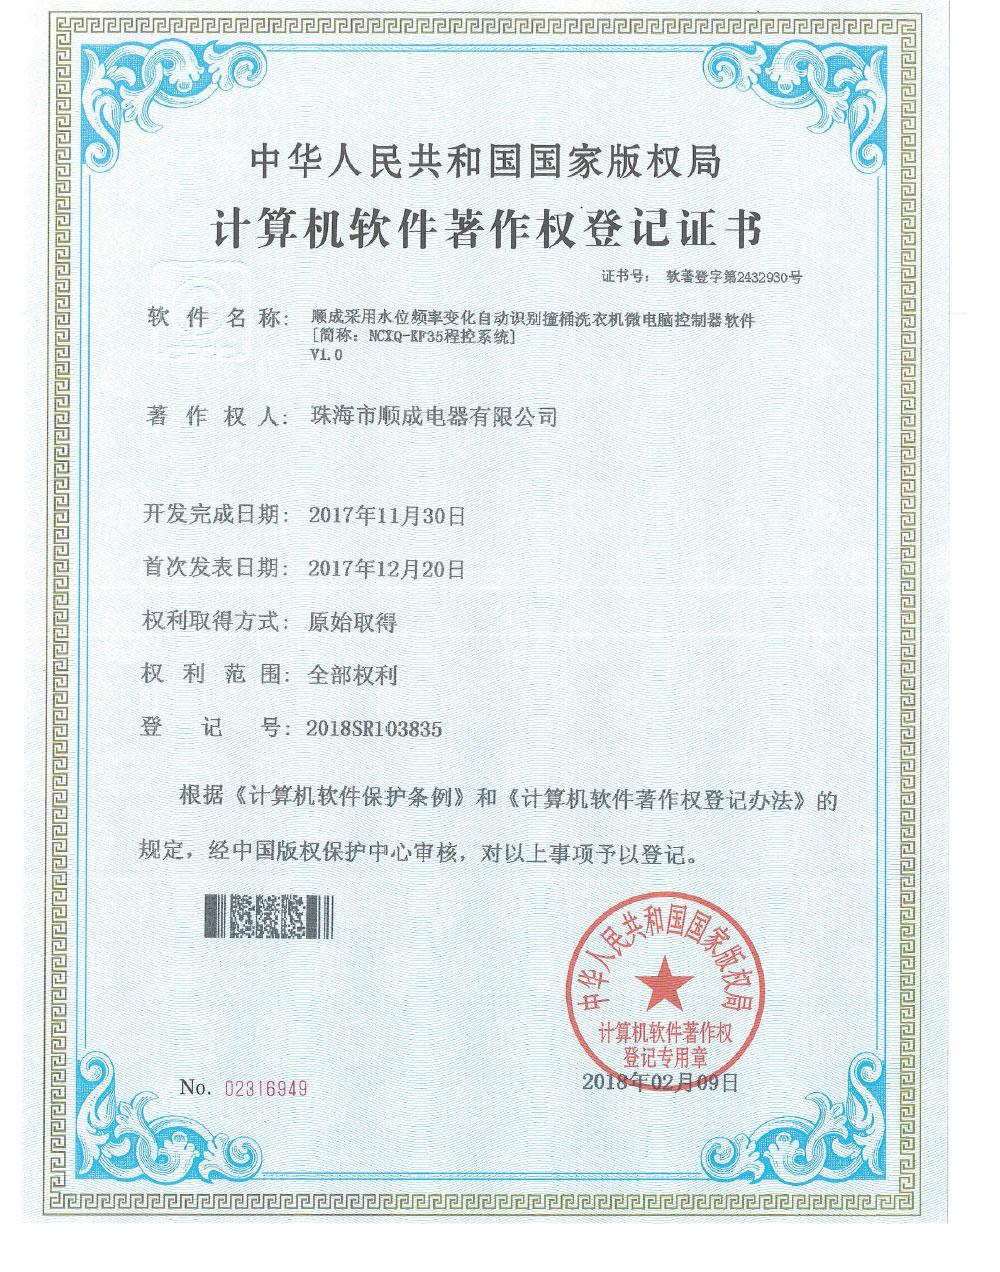 知識產權證書-2